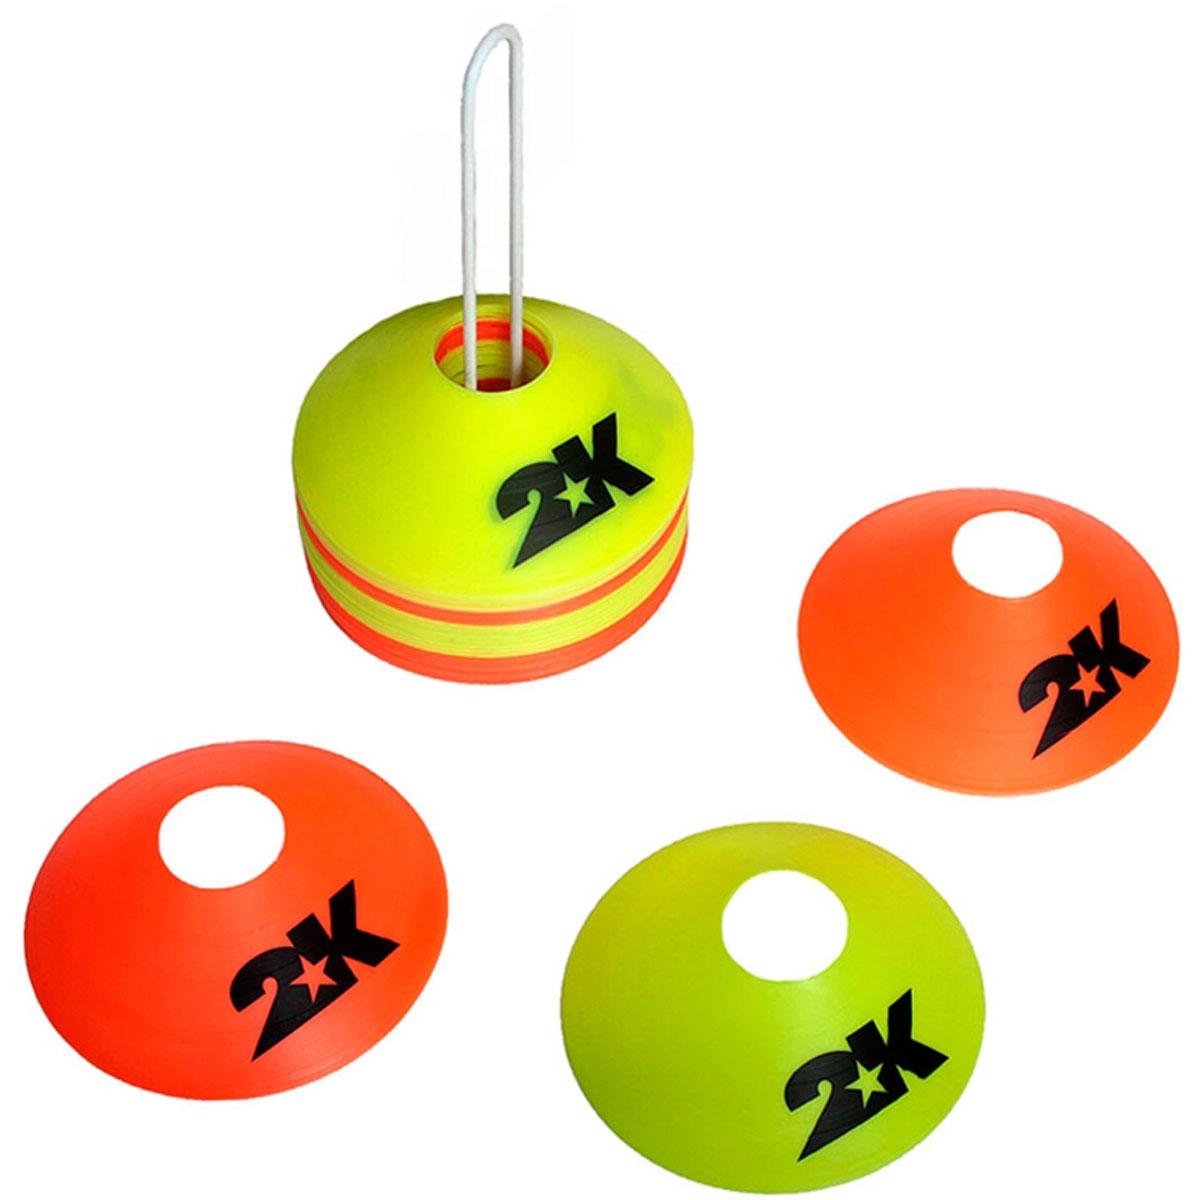 Комплект конусов 2K Sport, цвет: желтый, оранжевый, 40 шт127805Комплект тренировочных конусов 2K Sport применяется для разметки на поле. Изделия выполнены из прочного пластика. В комплект входят сорок конусов двух цветов и подставка.